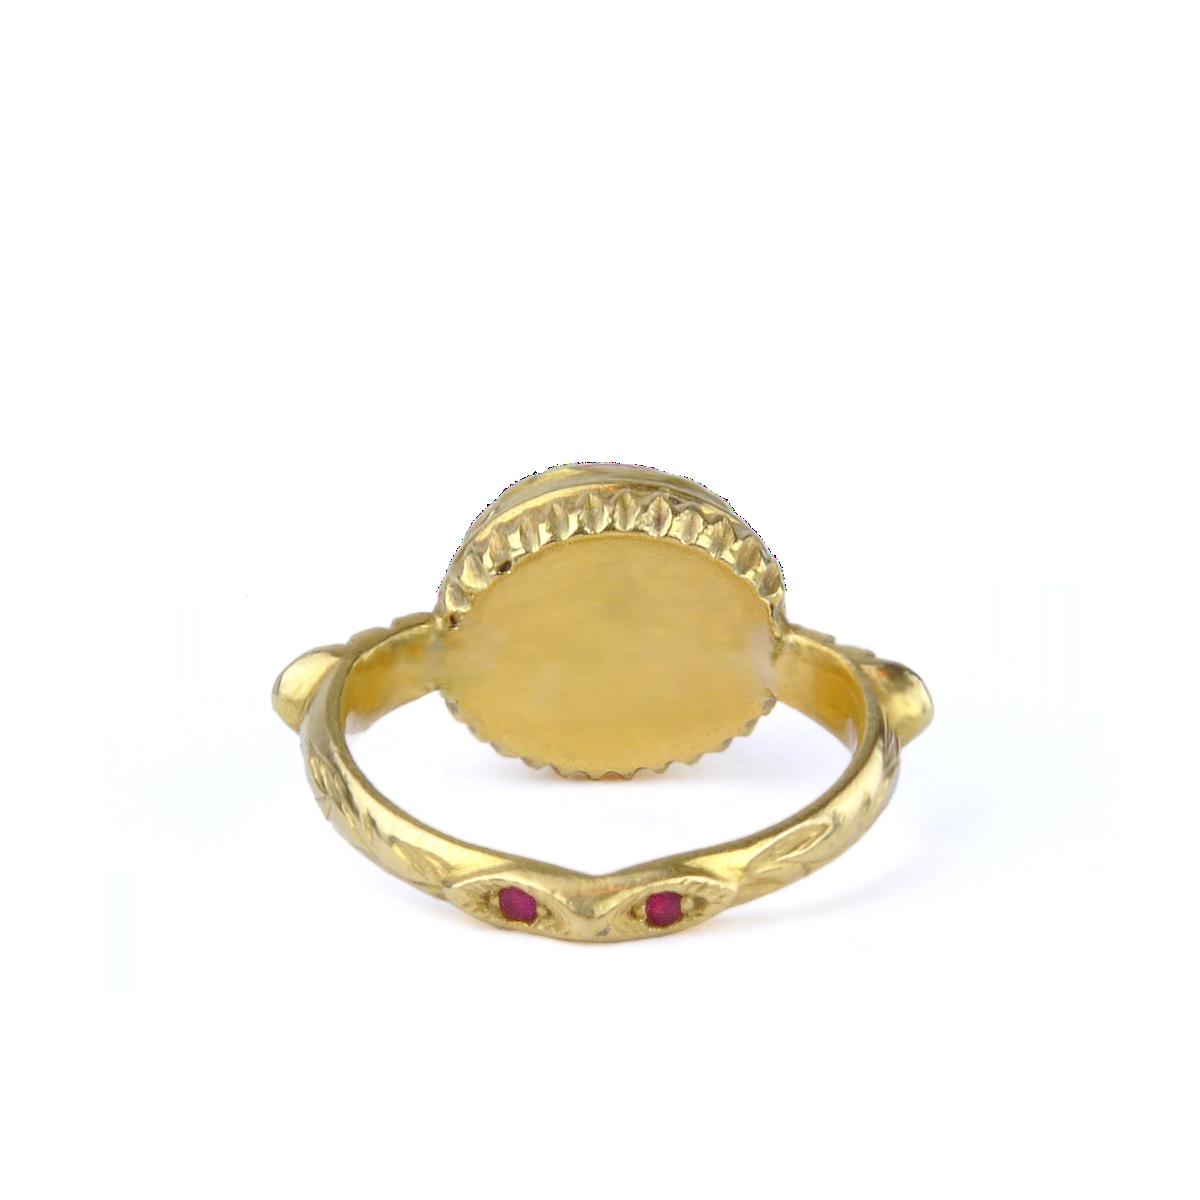 Kurtulan 24K Gold, Ruby And Sponge Coral Ring - alternate